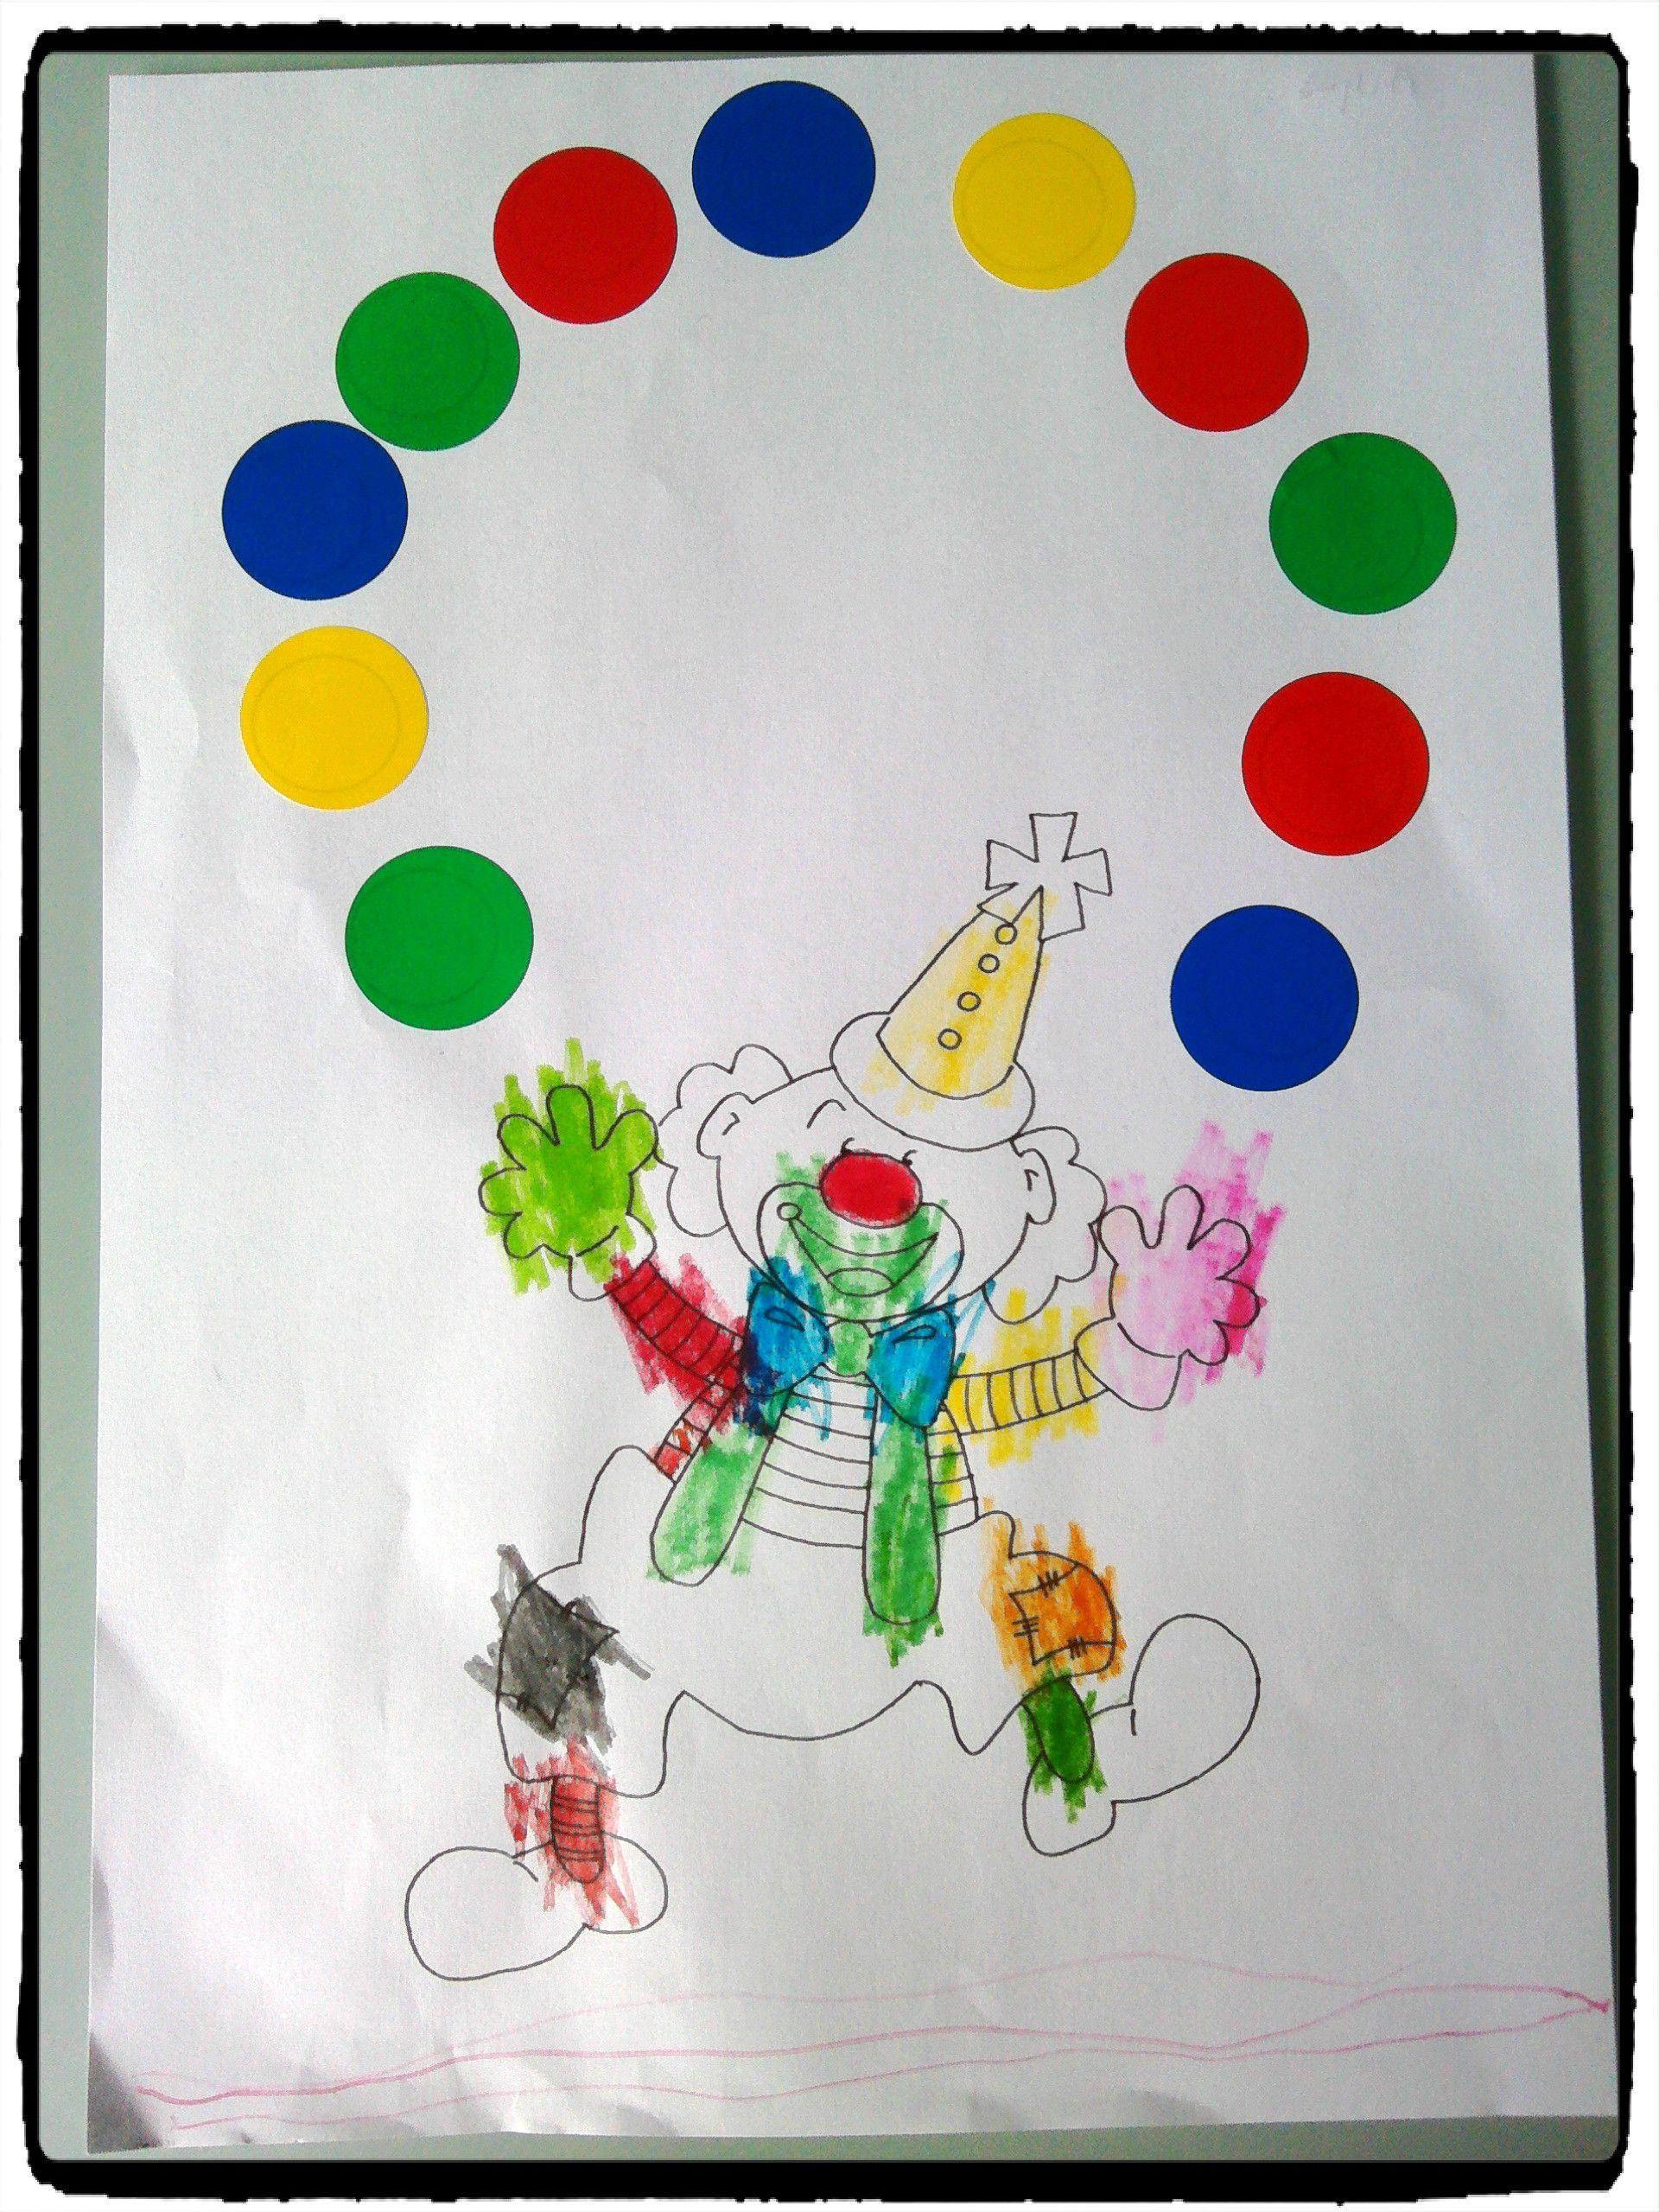 Le Clown Jongleur Activite Carnaval Activite Manuelle Cirque